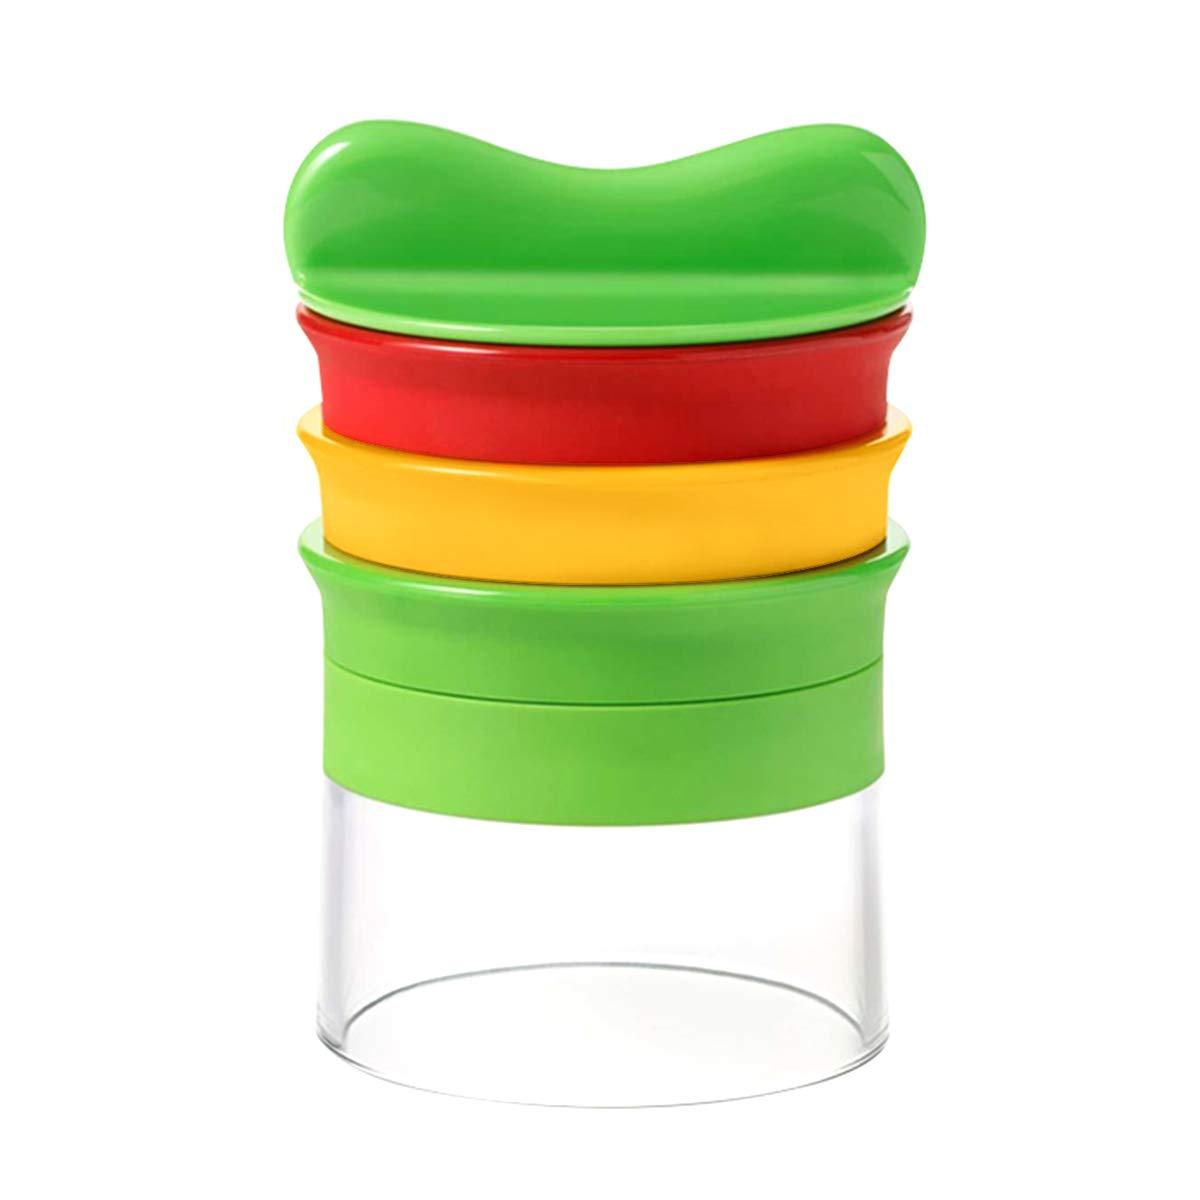 Spiralizer de légumes INKERSCOOP 3 lames Trancheuse à légumes Spiralizer poche, trancheuse en spirale crée des nouilles Spaghetti sans fin, Spiralizer de légumes et de coupe pour les courgettes, carottes